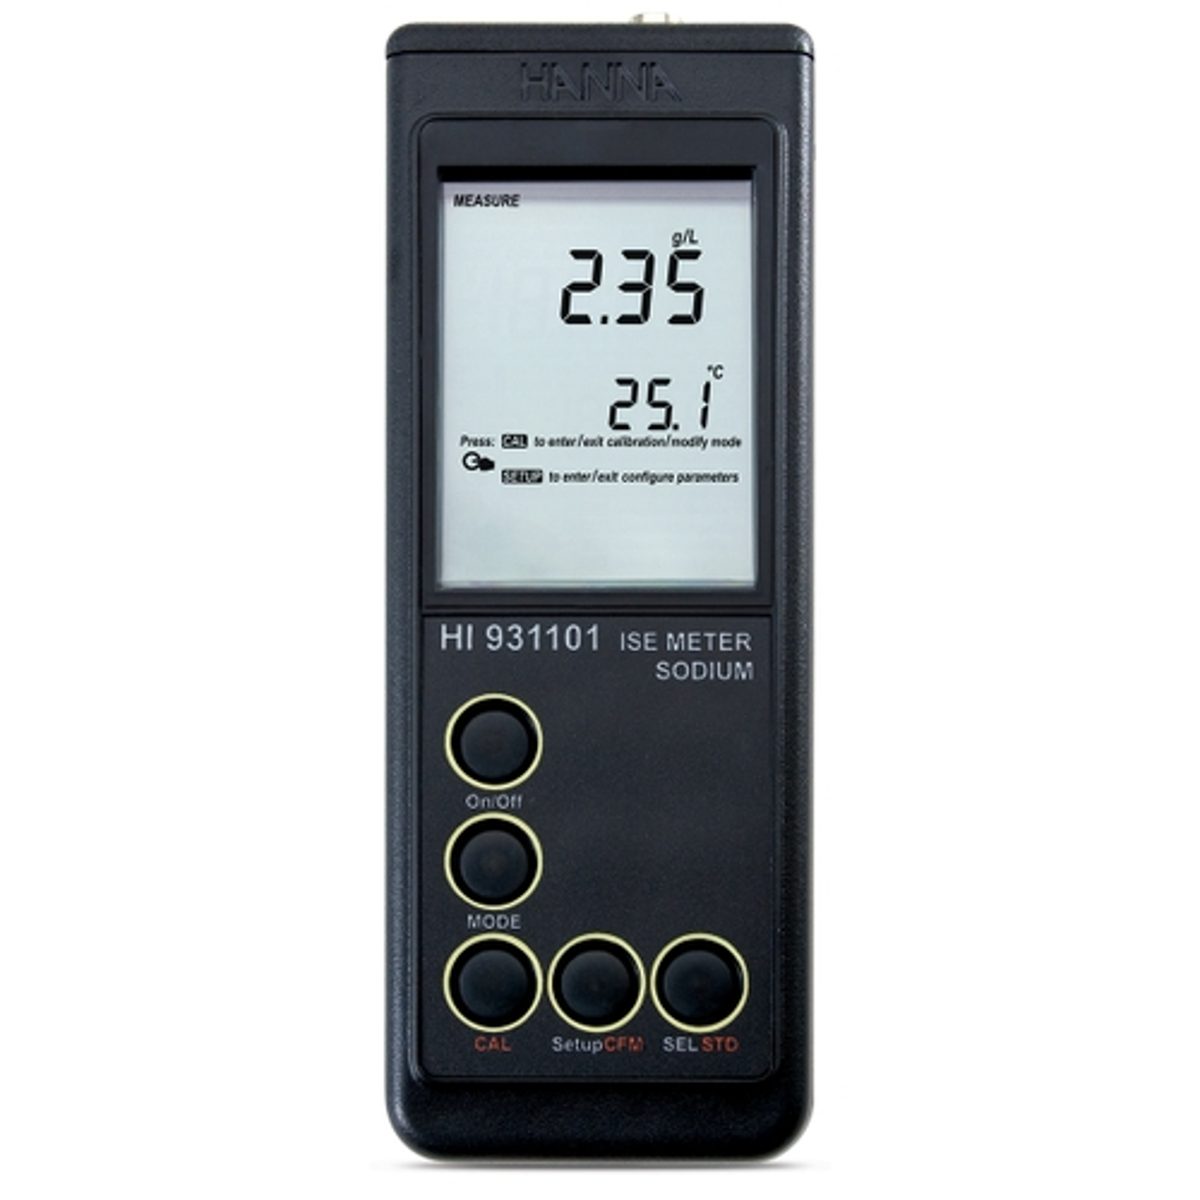 Medidor Portátil de Contenido y Actividad de Sodio - HI931101